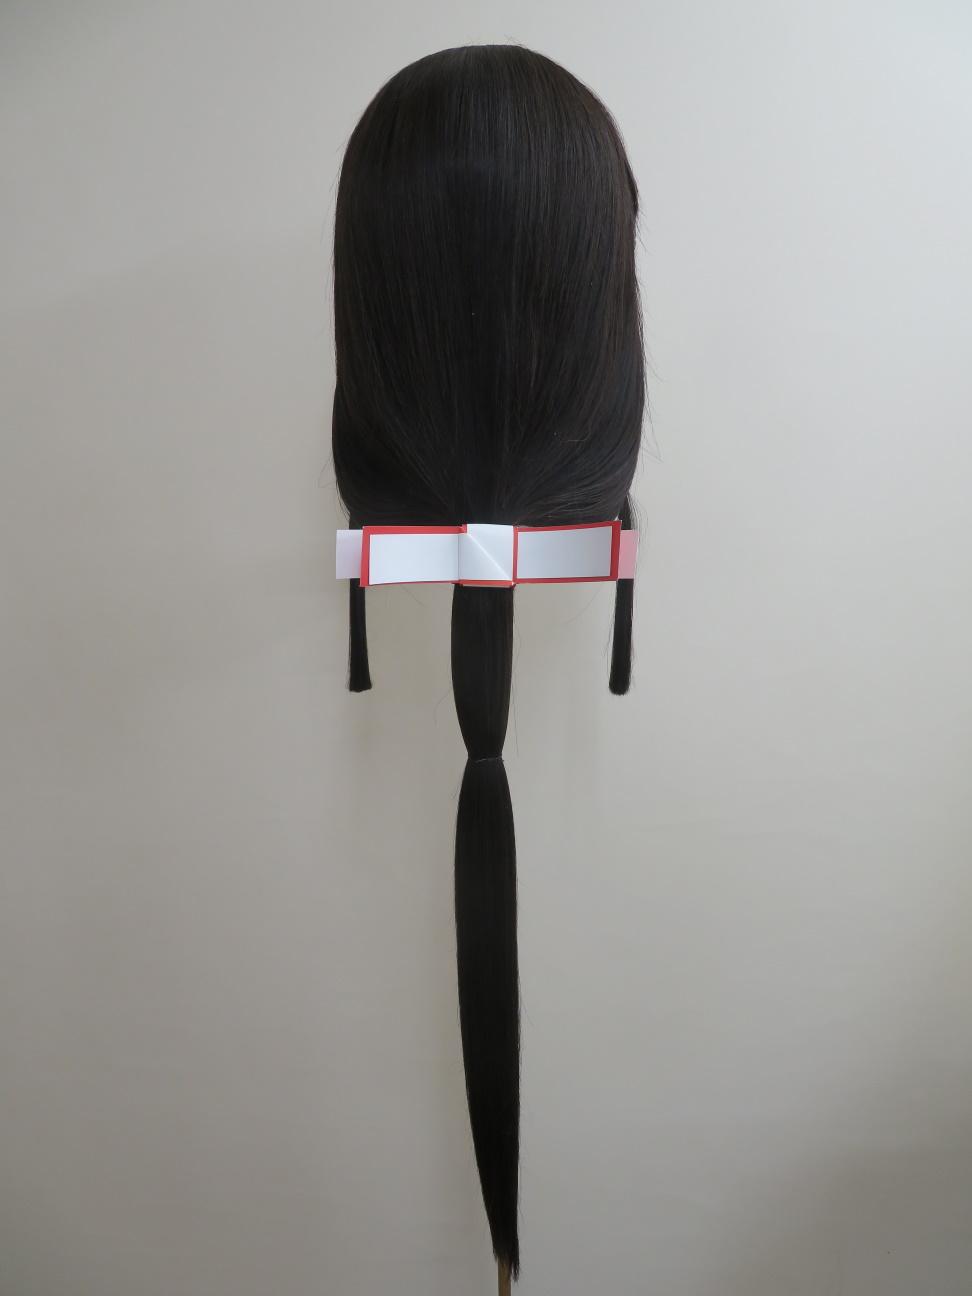 46.長垂髪3